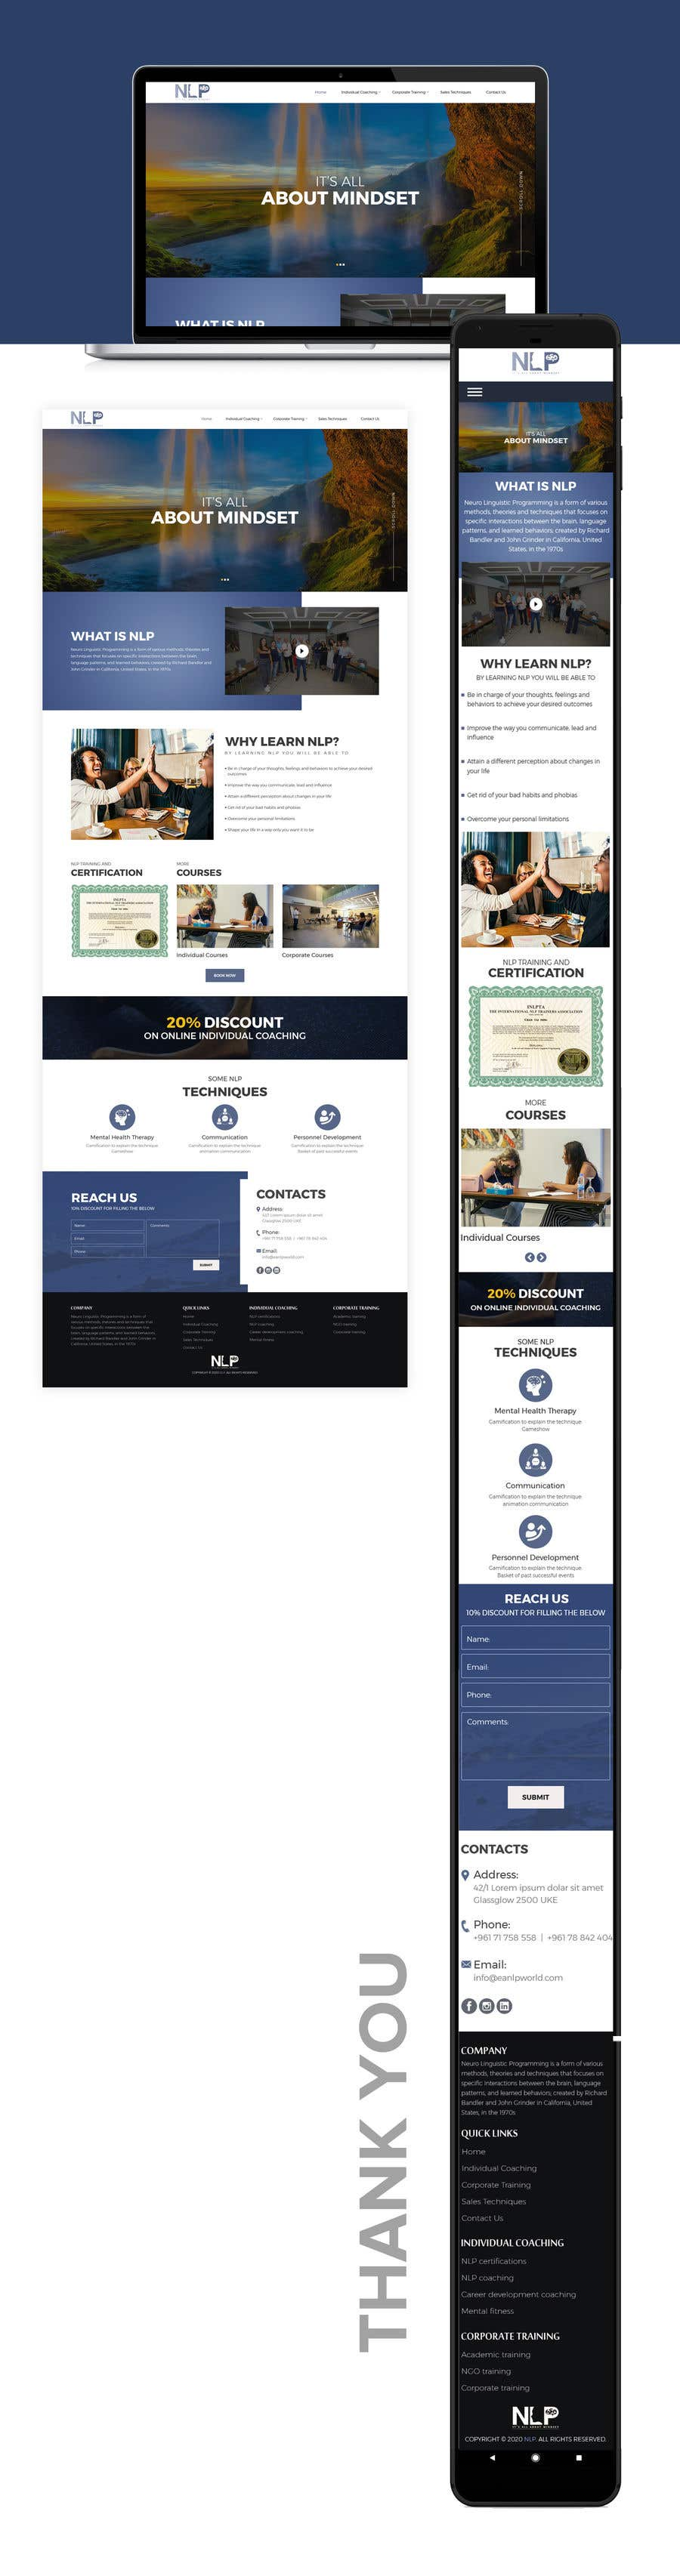 Penyertaan Peraduan #                                        49                                      untuk                                         design and build life coaching website